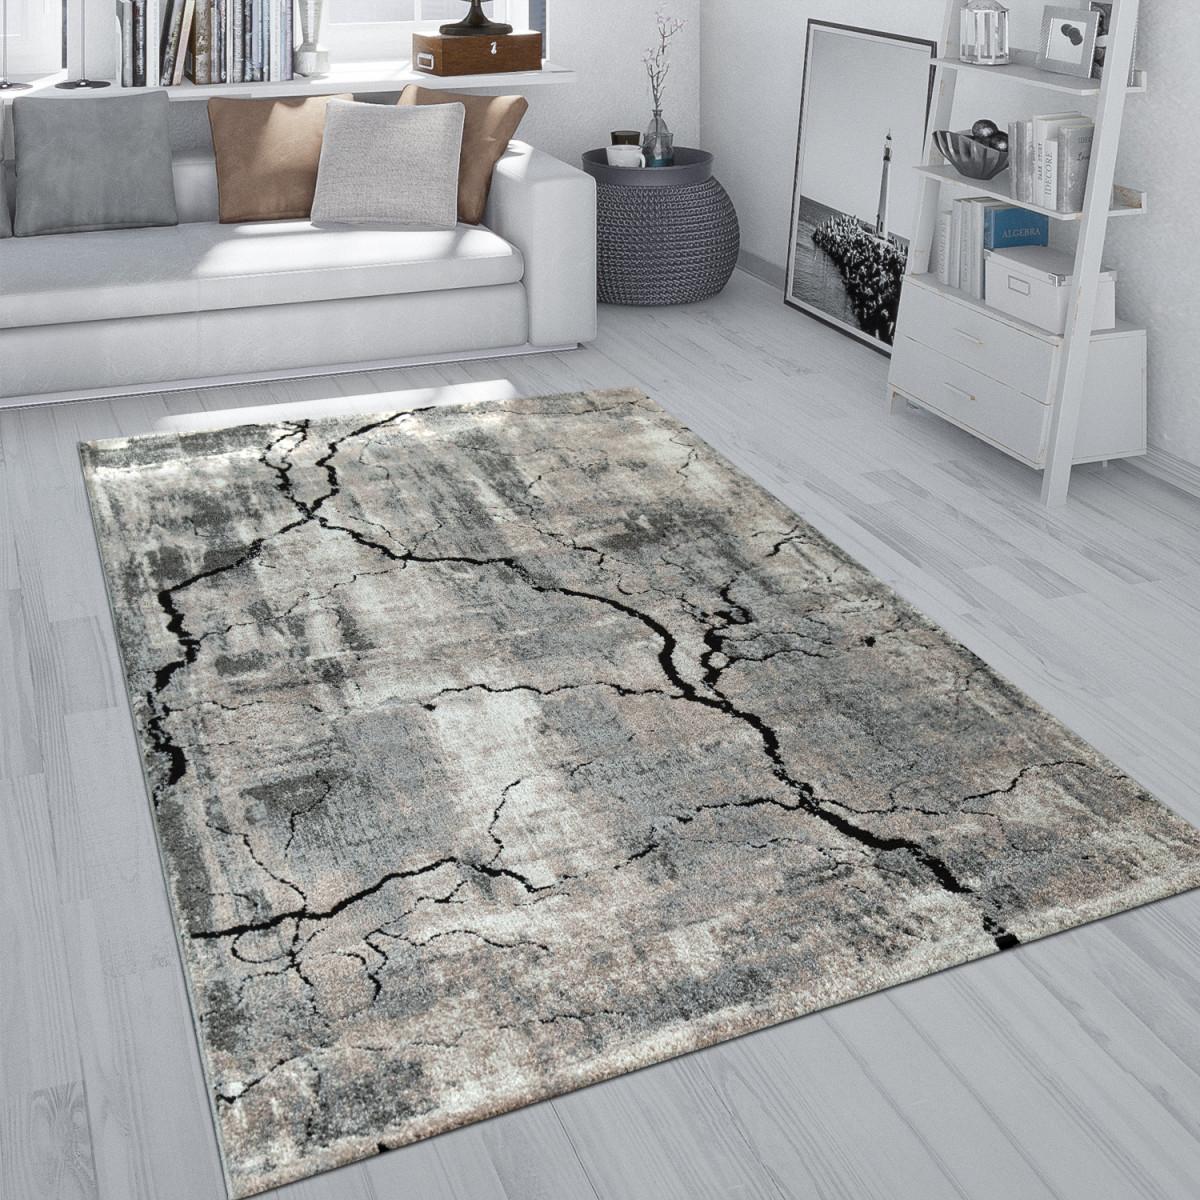 Details Zu Kurzflor Teppich Wohnzimmer Grau Weich Used Look Beton Design  3D Muster Risse von Grauer Wohnzimmer Teppich Bild